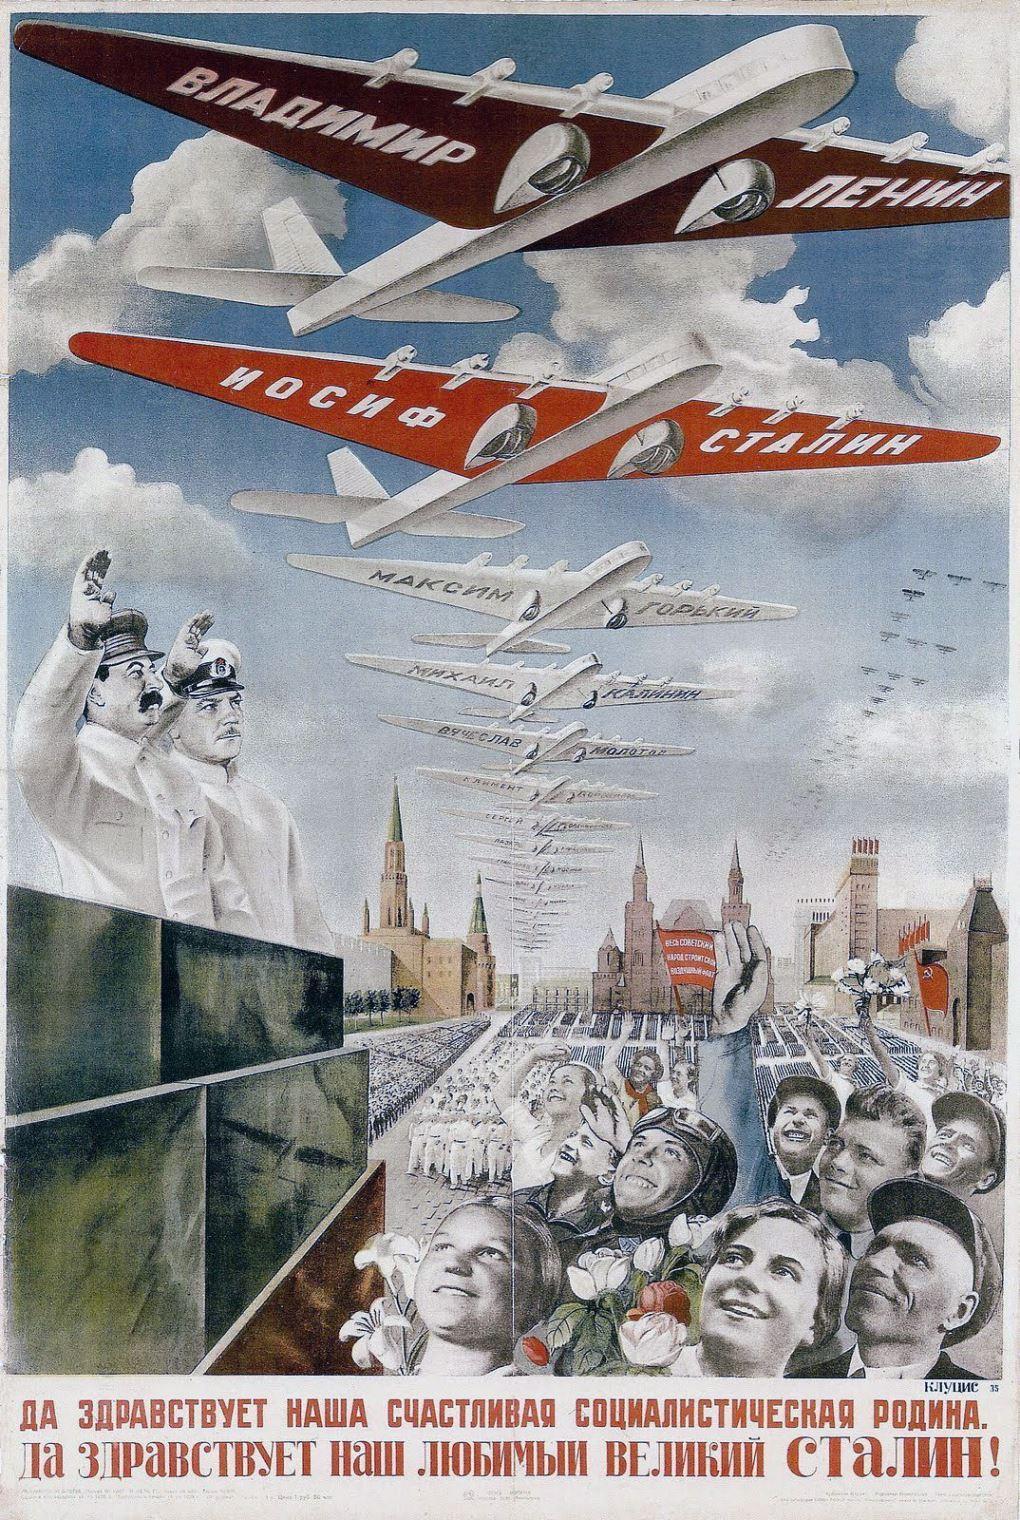 Да здравствует наша счастливая социалистическая Родина! Густав Клуцис, 1935